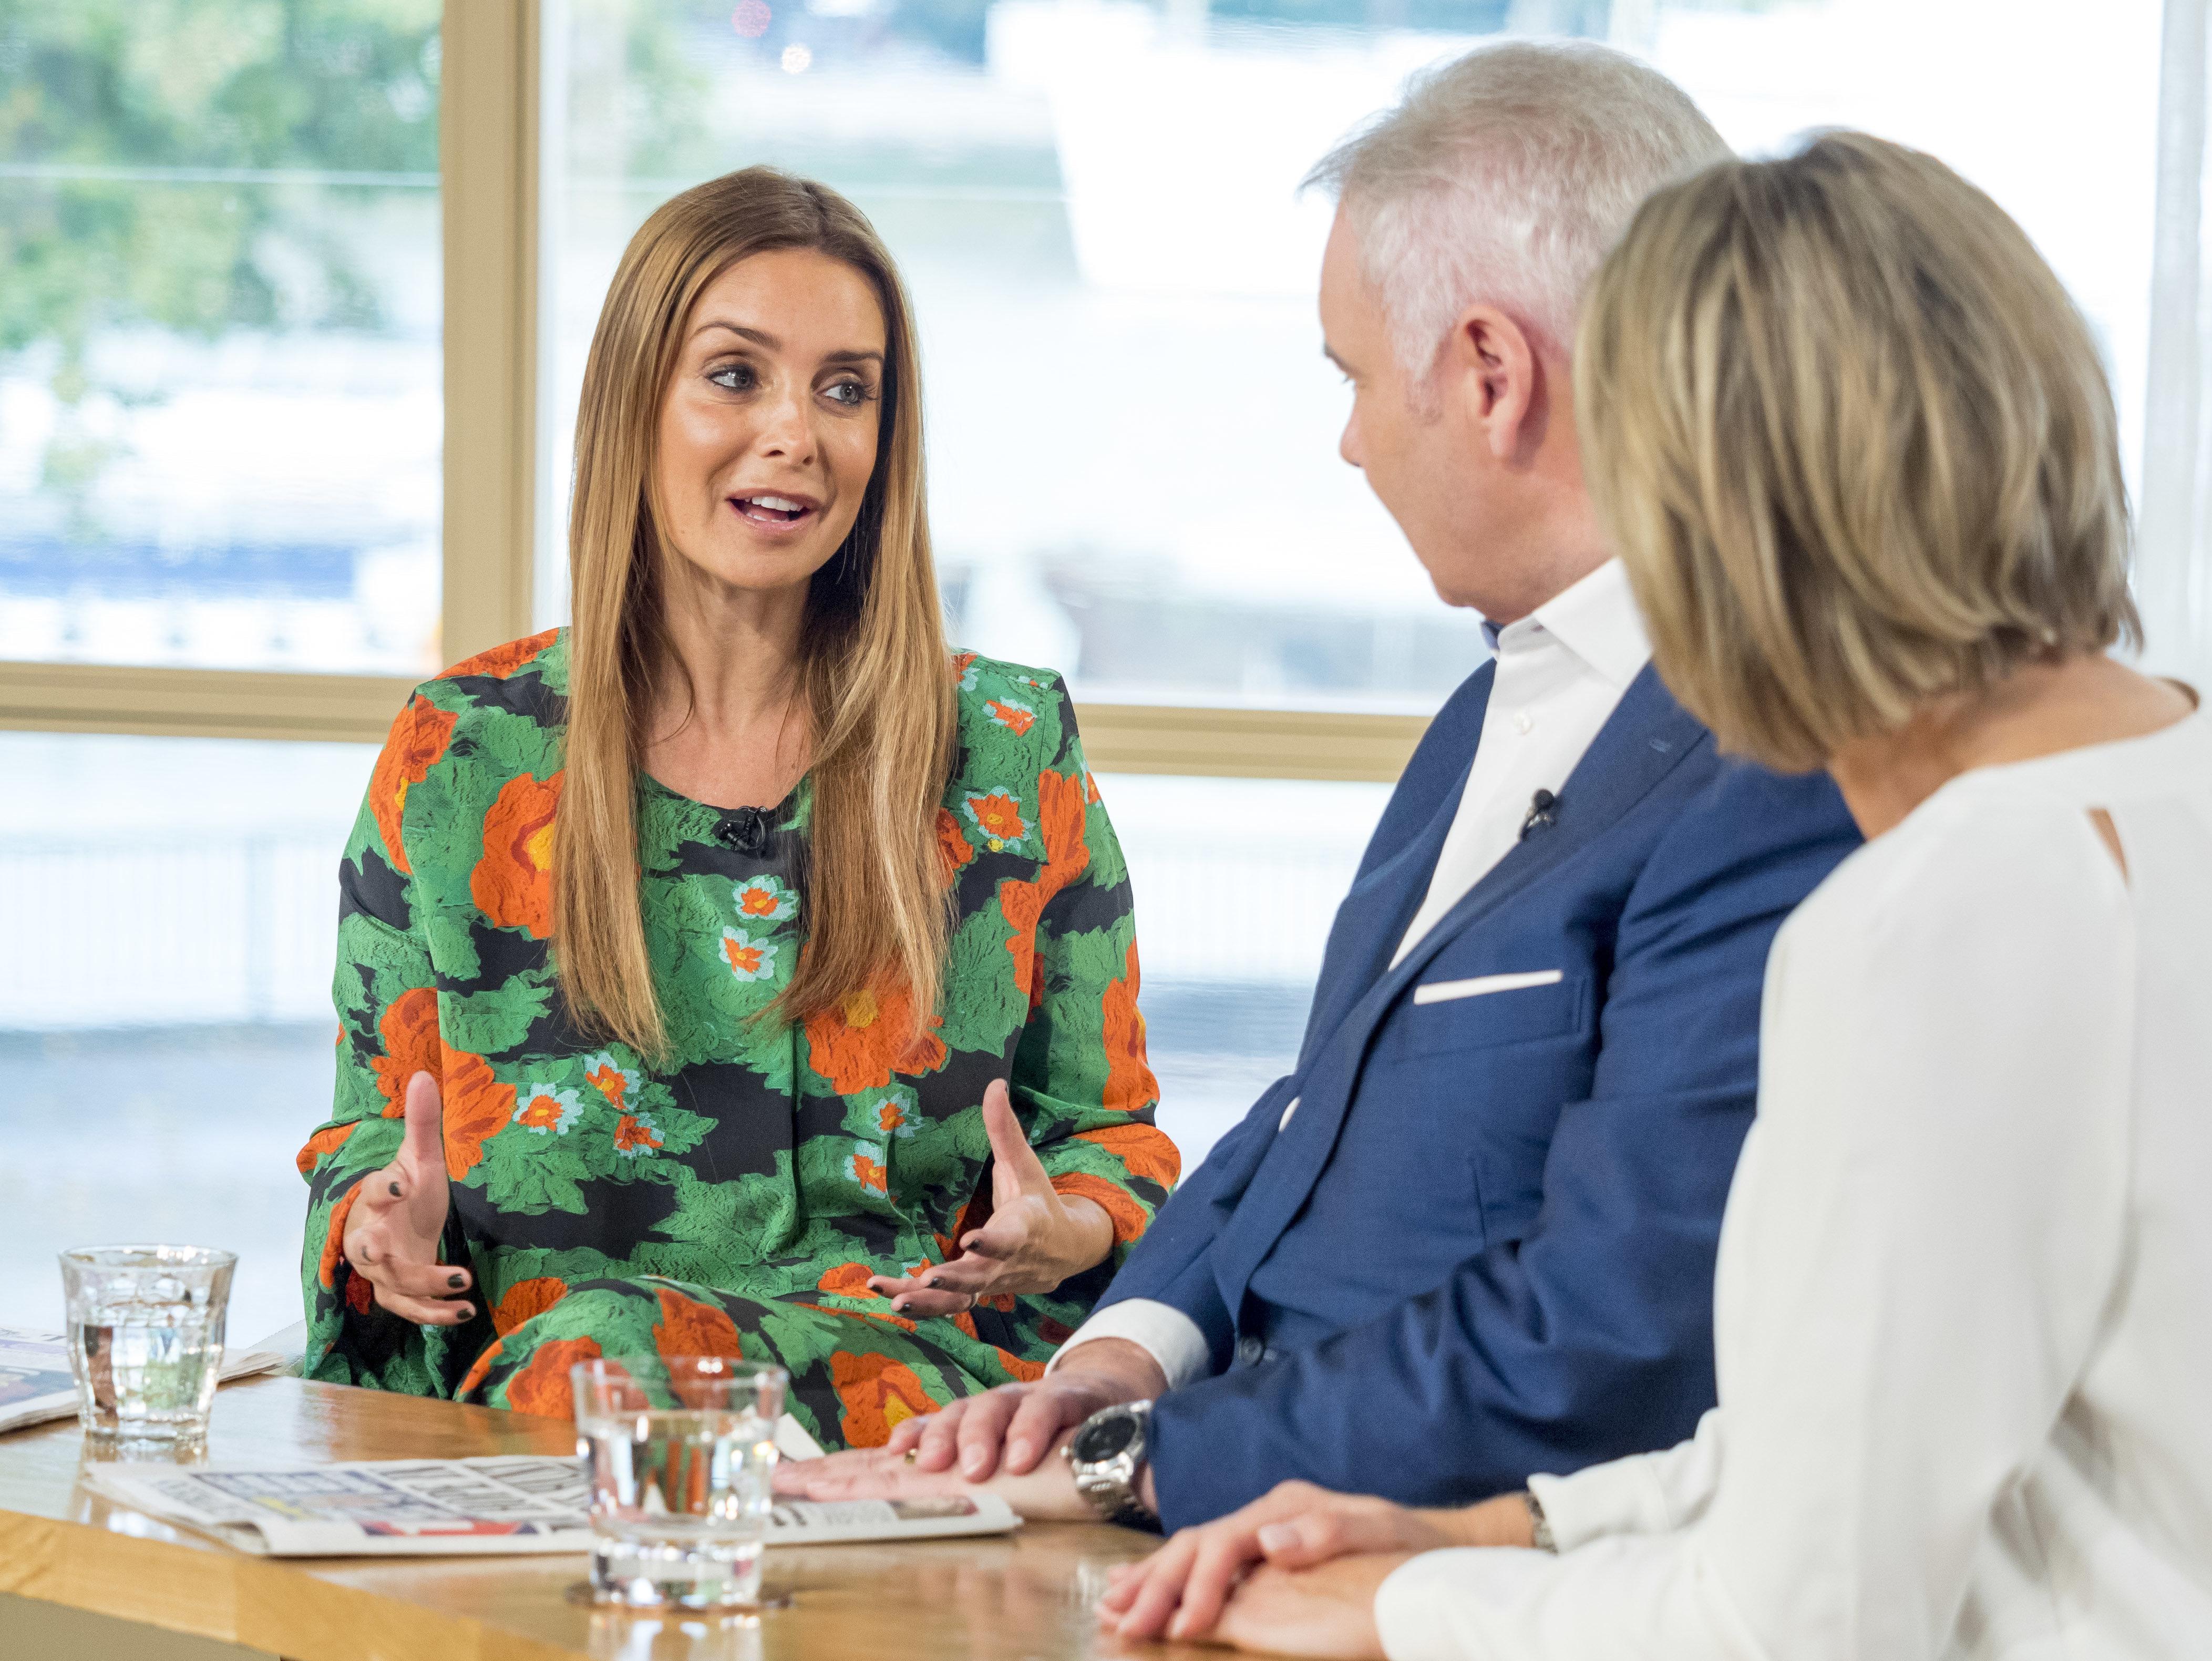 Louise Redknapp addresses split rumours on This Morning